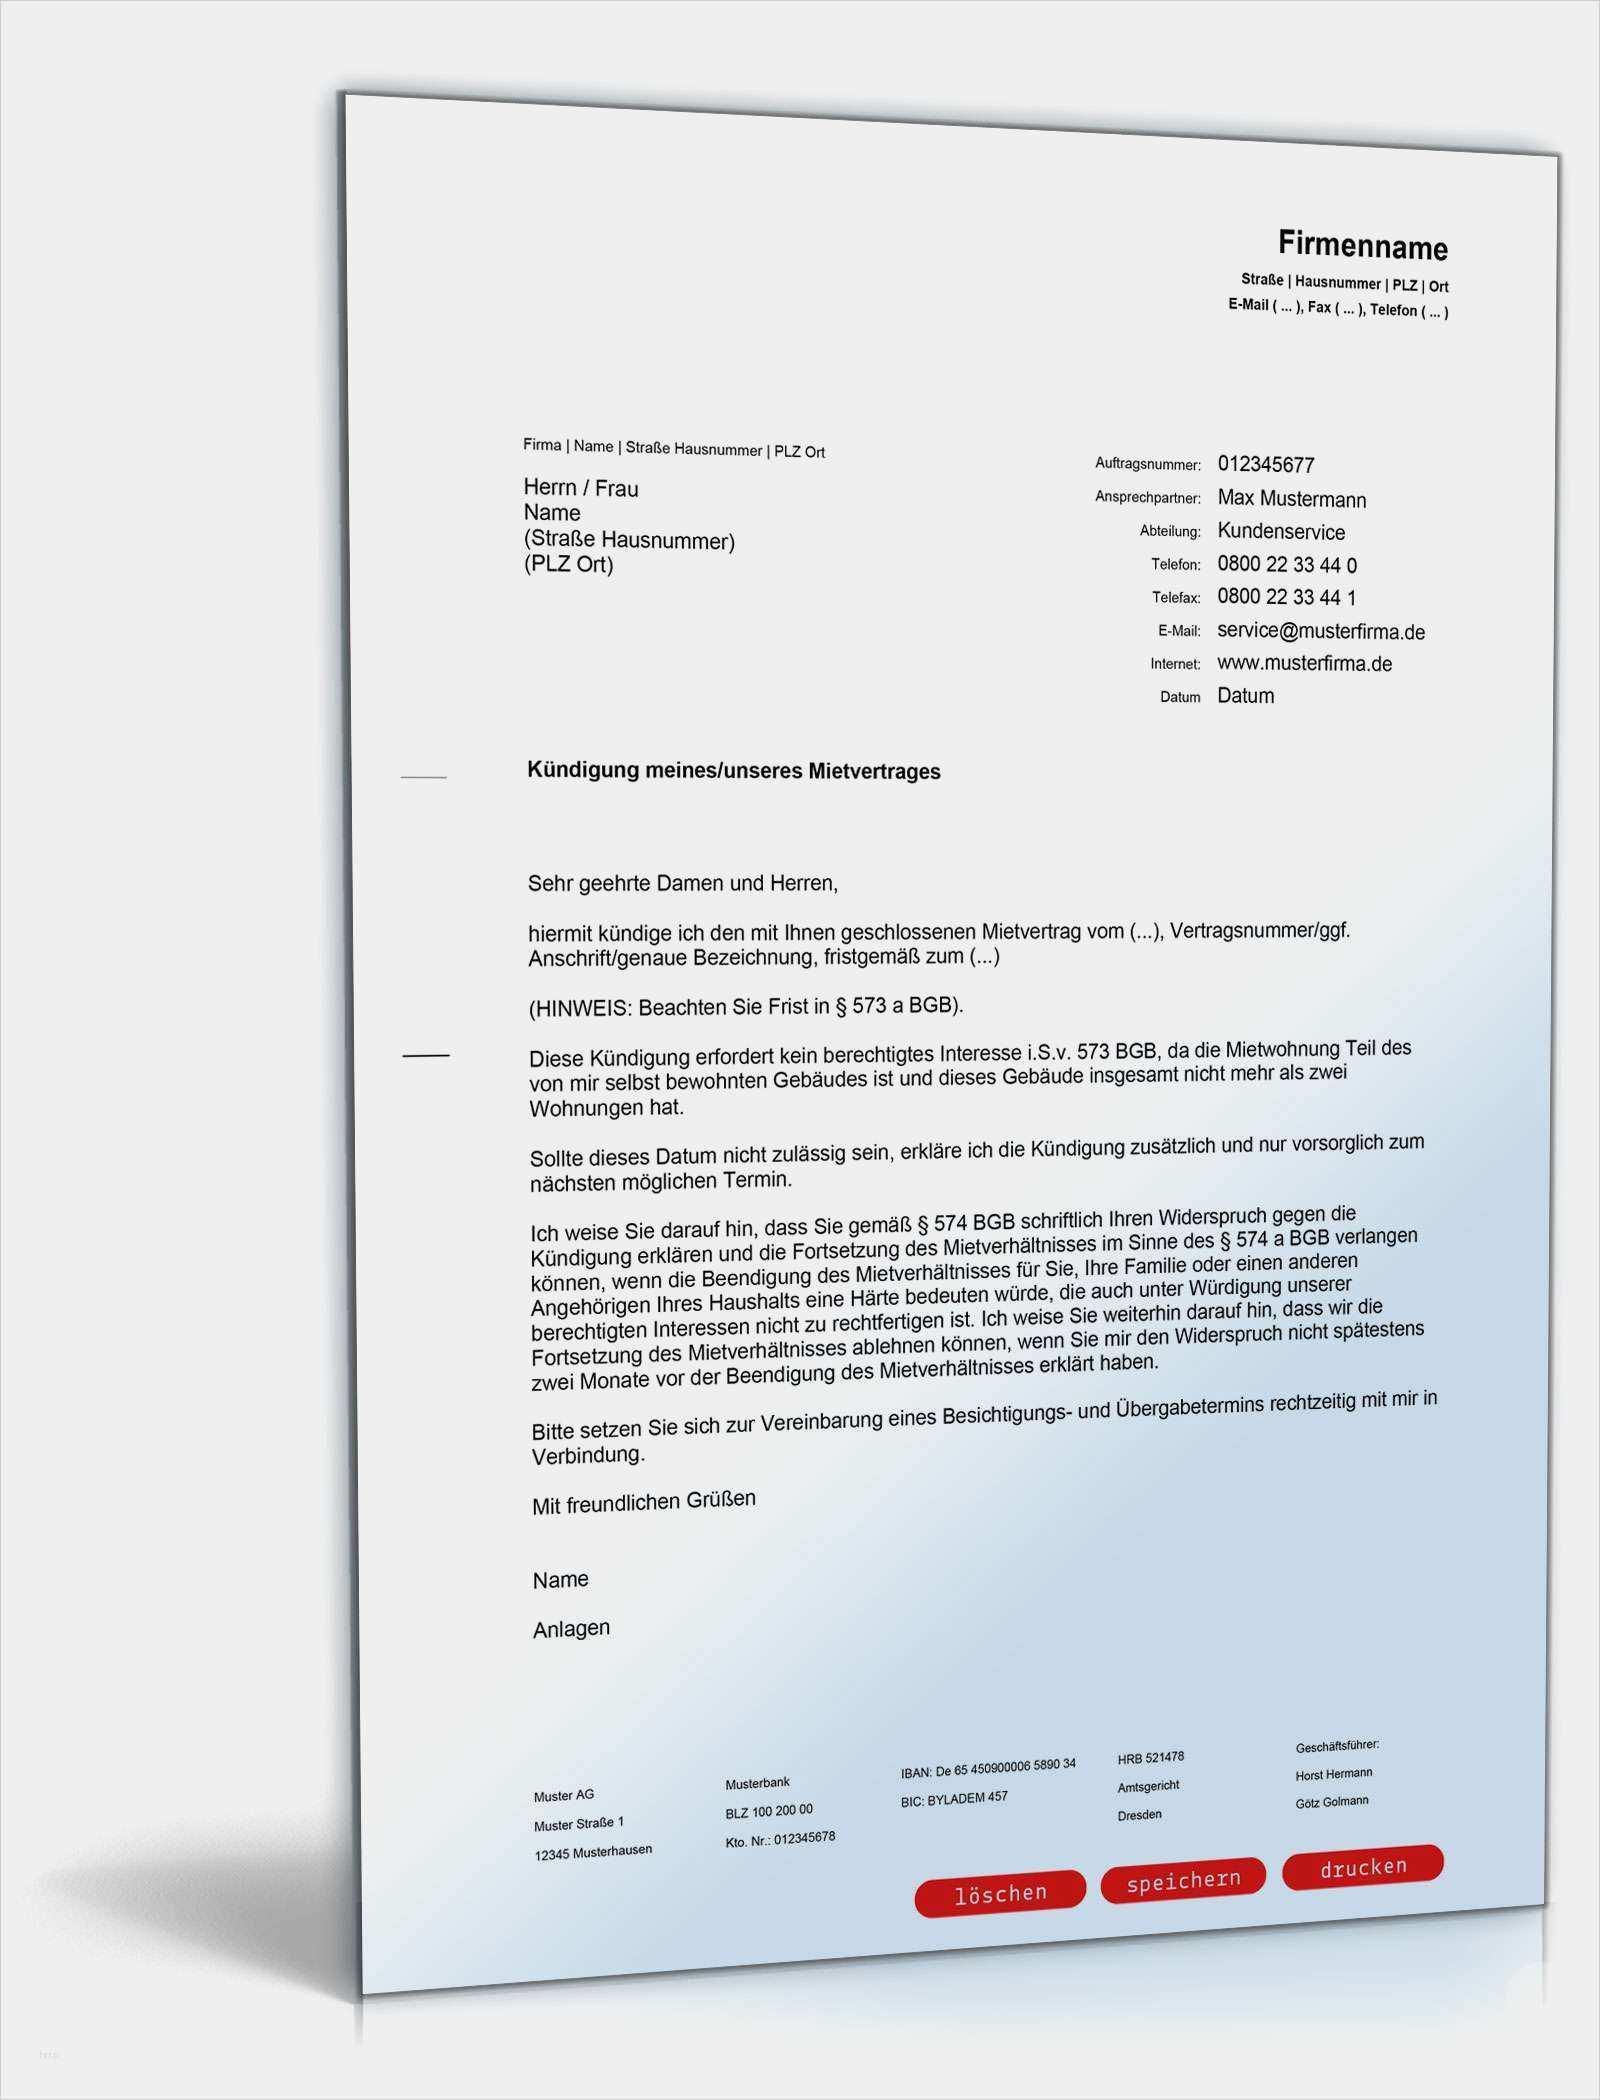 30 Wunderbar Kundigung Mietvertrag Wegen Eigenbedarf Vorlage Kostenlos Pdf Galerie Vorlagen Word Vorlagen Lebenslauf Vorlagen Word